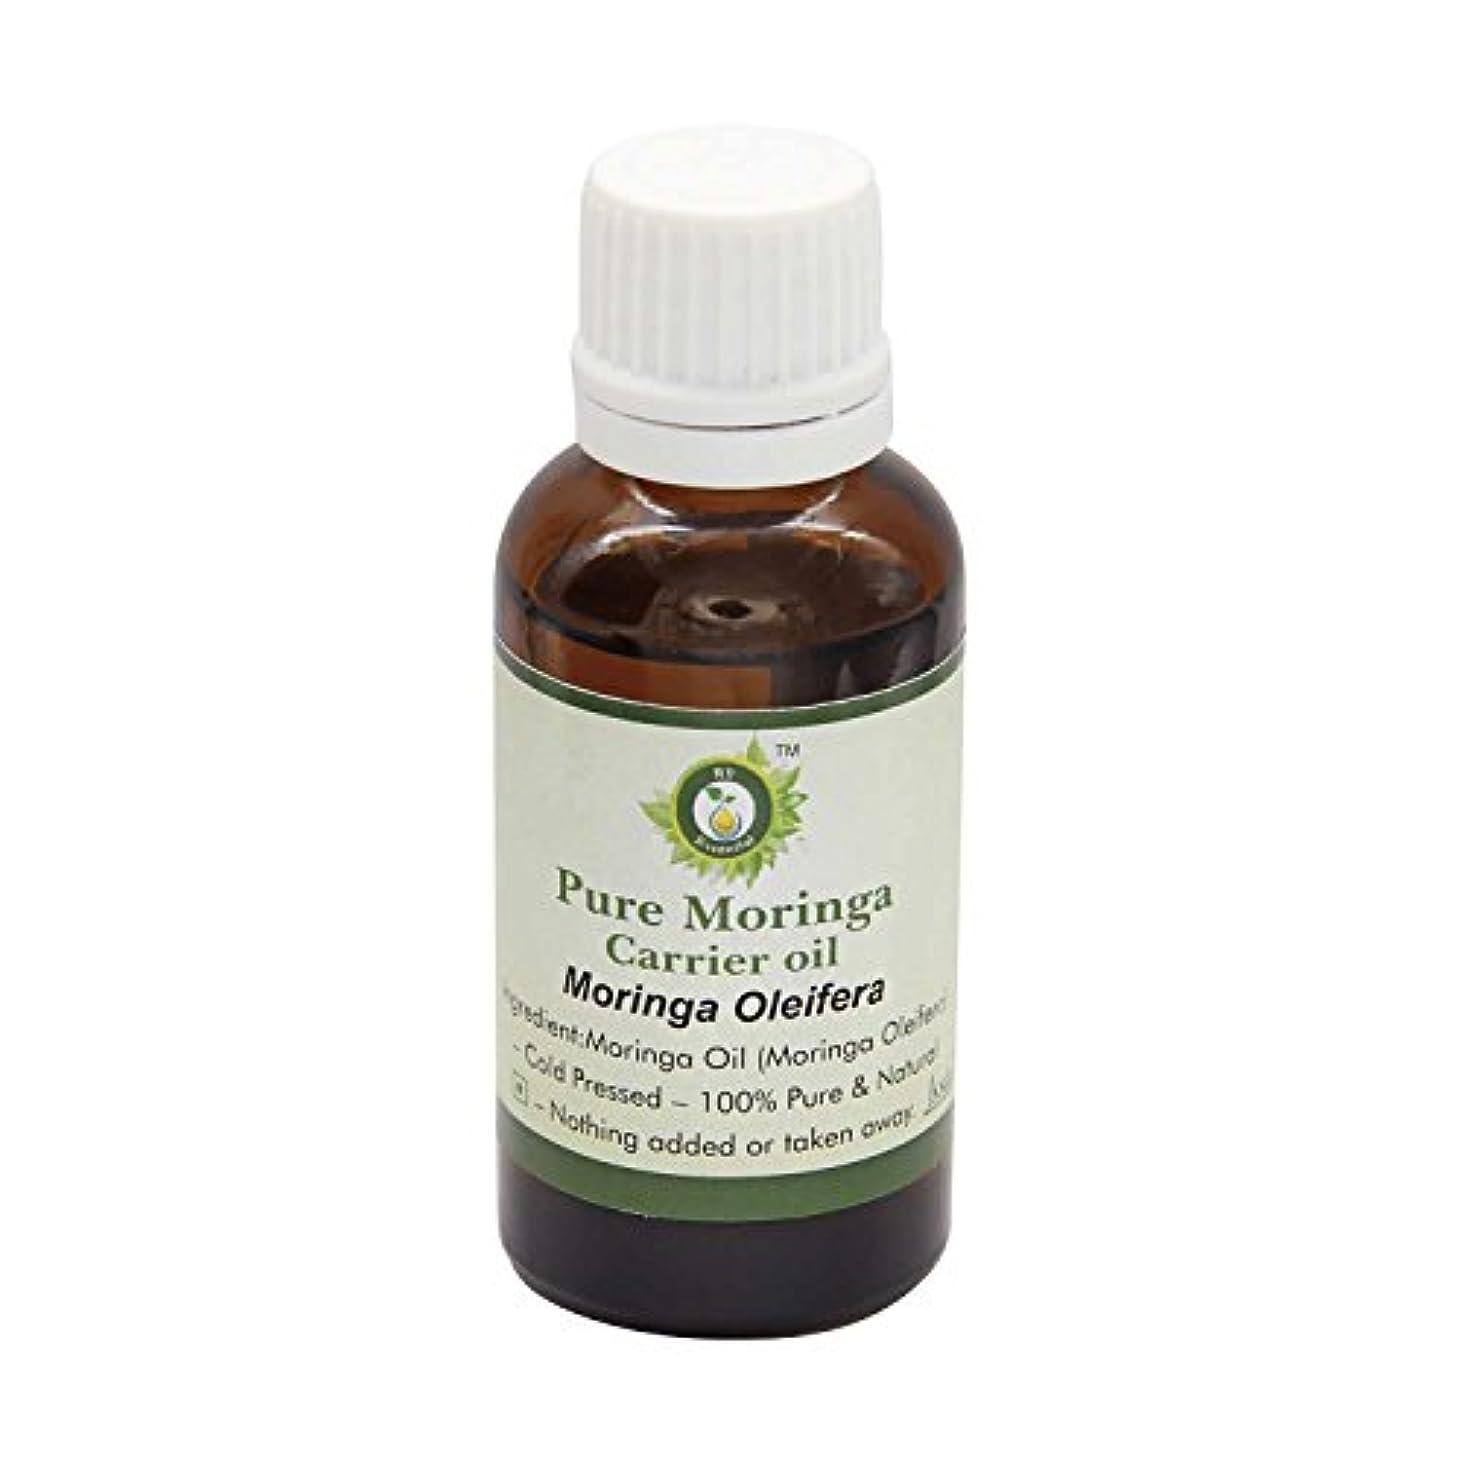 従順な寝室を掃除するアルカイックR V Essential 純粋なモリンガキャリアオイル100ml (3.38oz)- Moringa Oleifera (100%ピュア&ナチュラルコールドPressed) Pure Moringa Carrier Oil